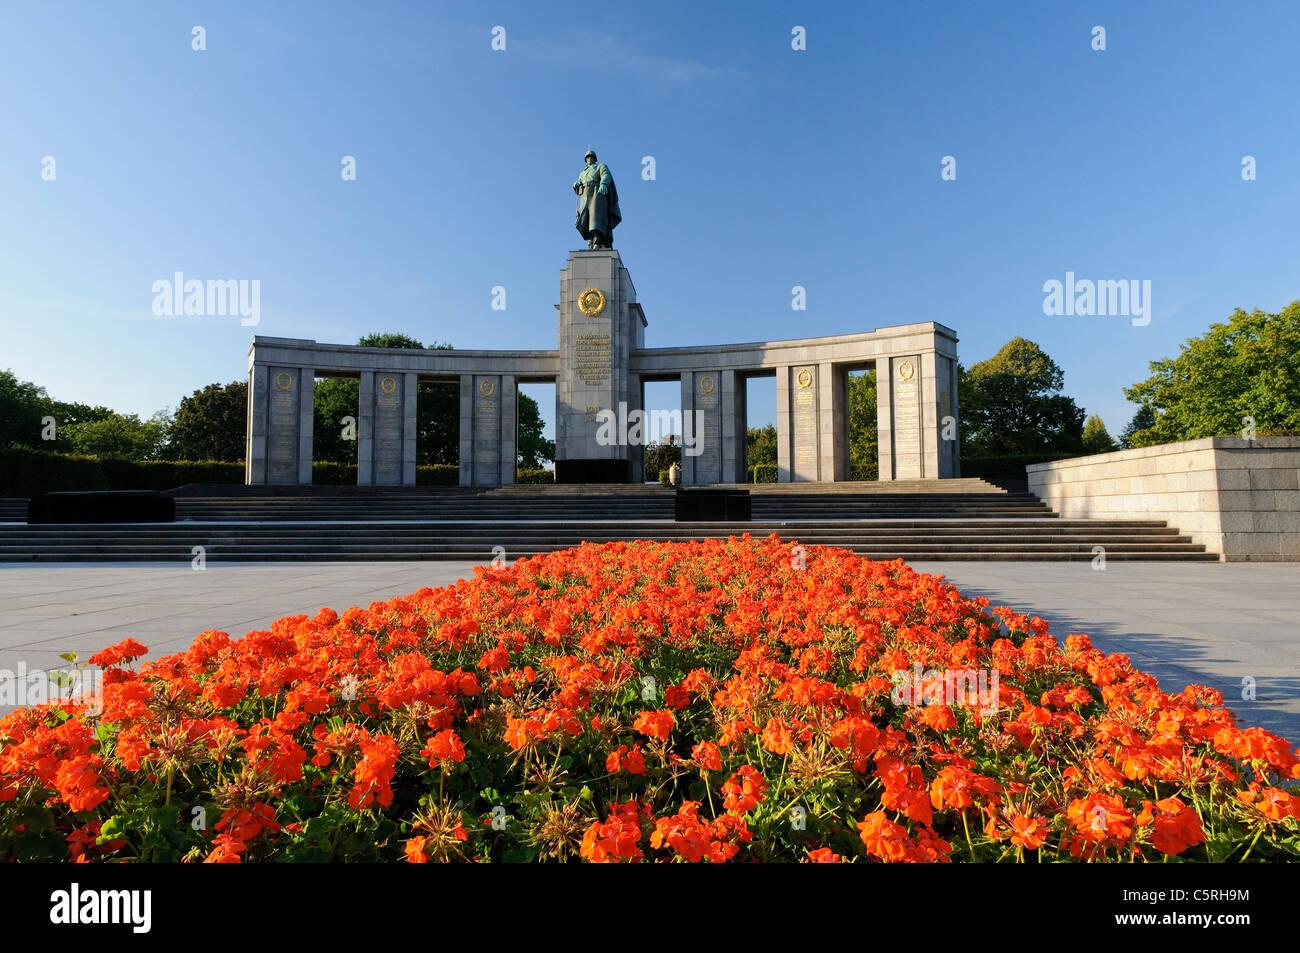 Soviet War Memorial in the Tiergarten park, Berlin, Germany, Europe - Stock Image